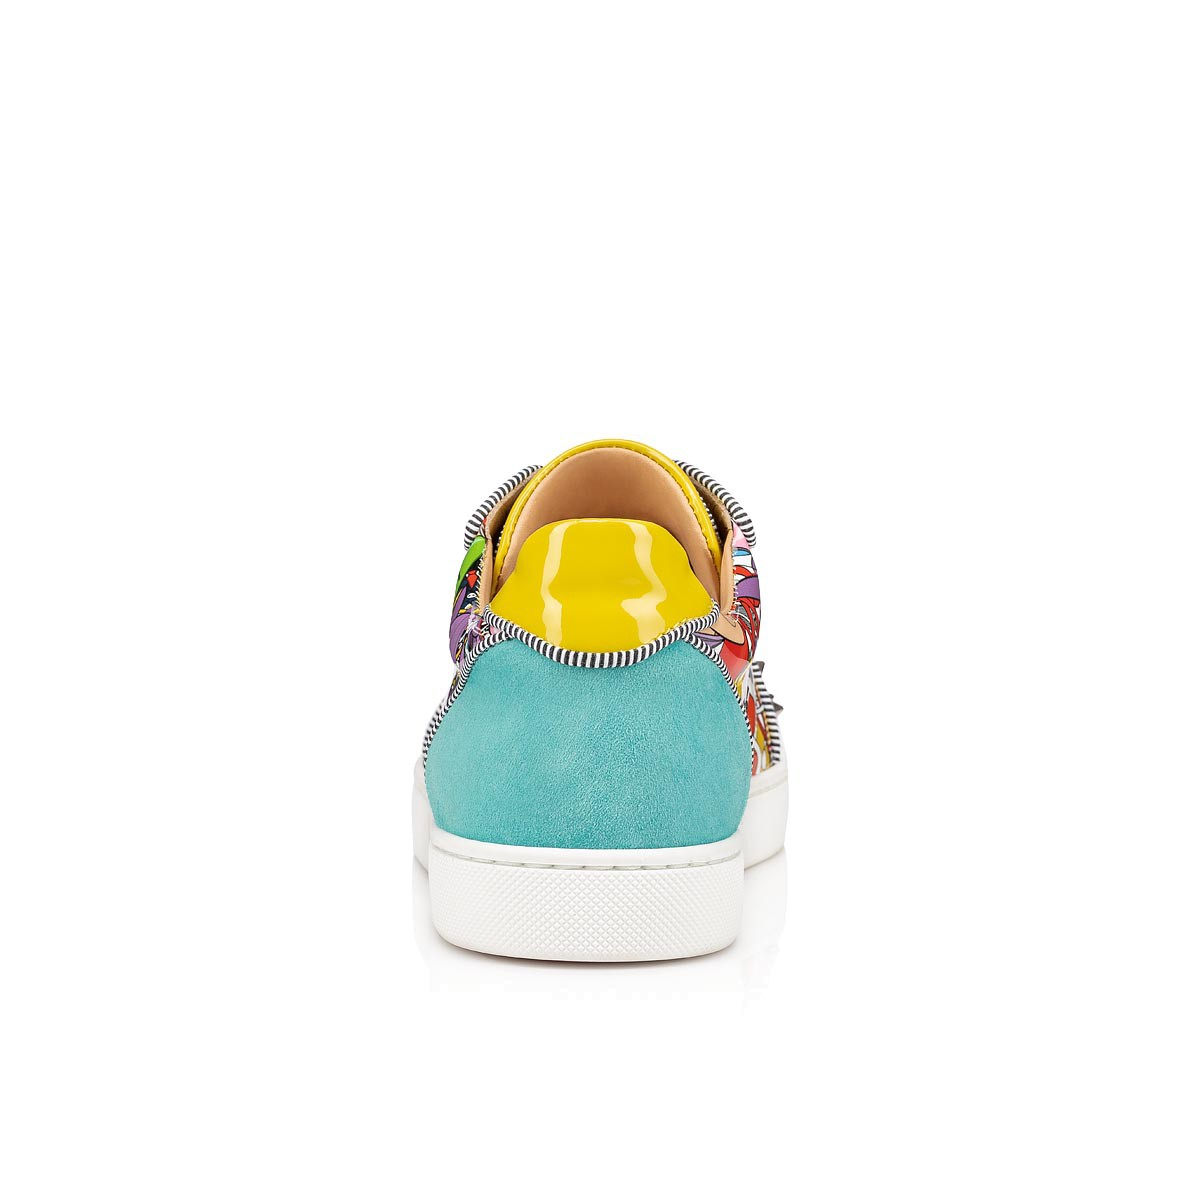 Shoes - Vieira Spikes Orlato Flat - Christian Louboutin